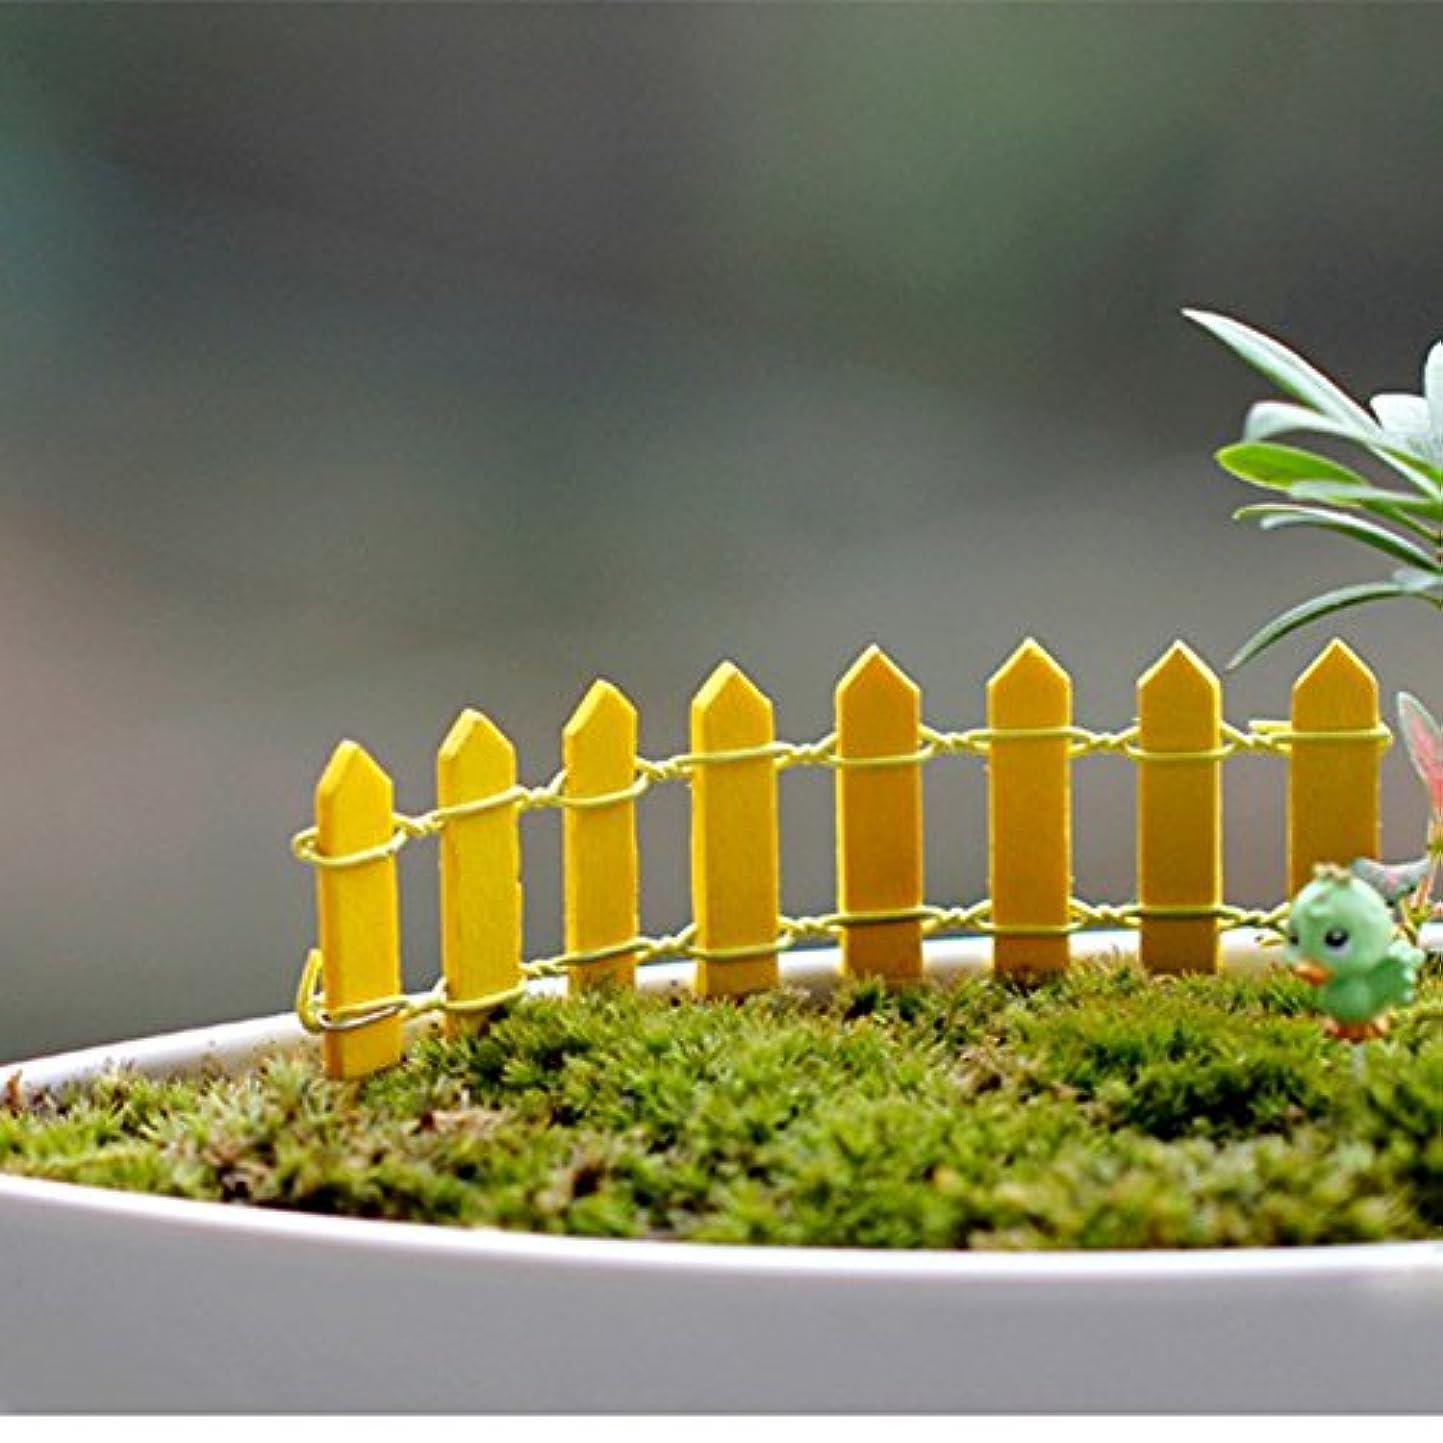 Jicorzo - 20個DIY木製の小さなフェンスモステラリウム植木鉢工芸ミニおもちゃフェアリーガーデンミニチュア[イエロー]